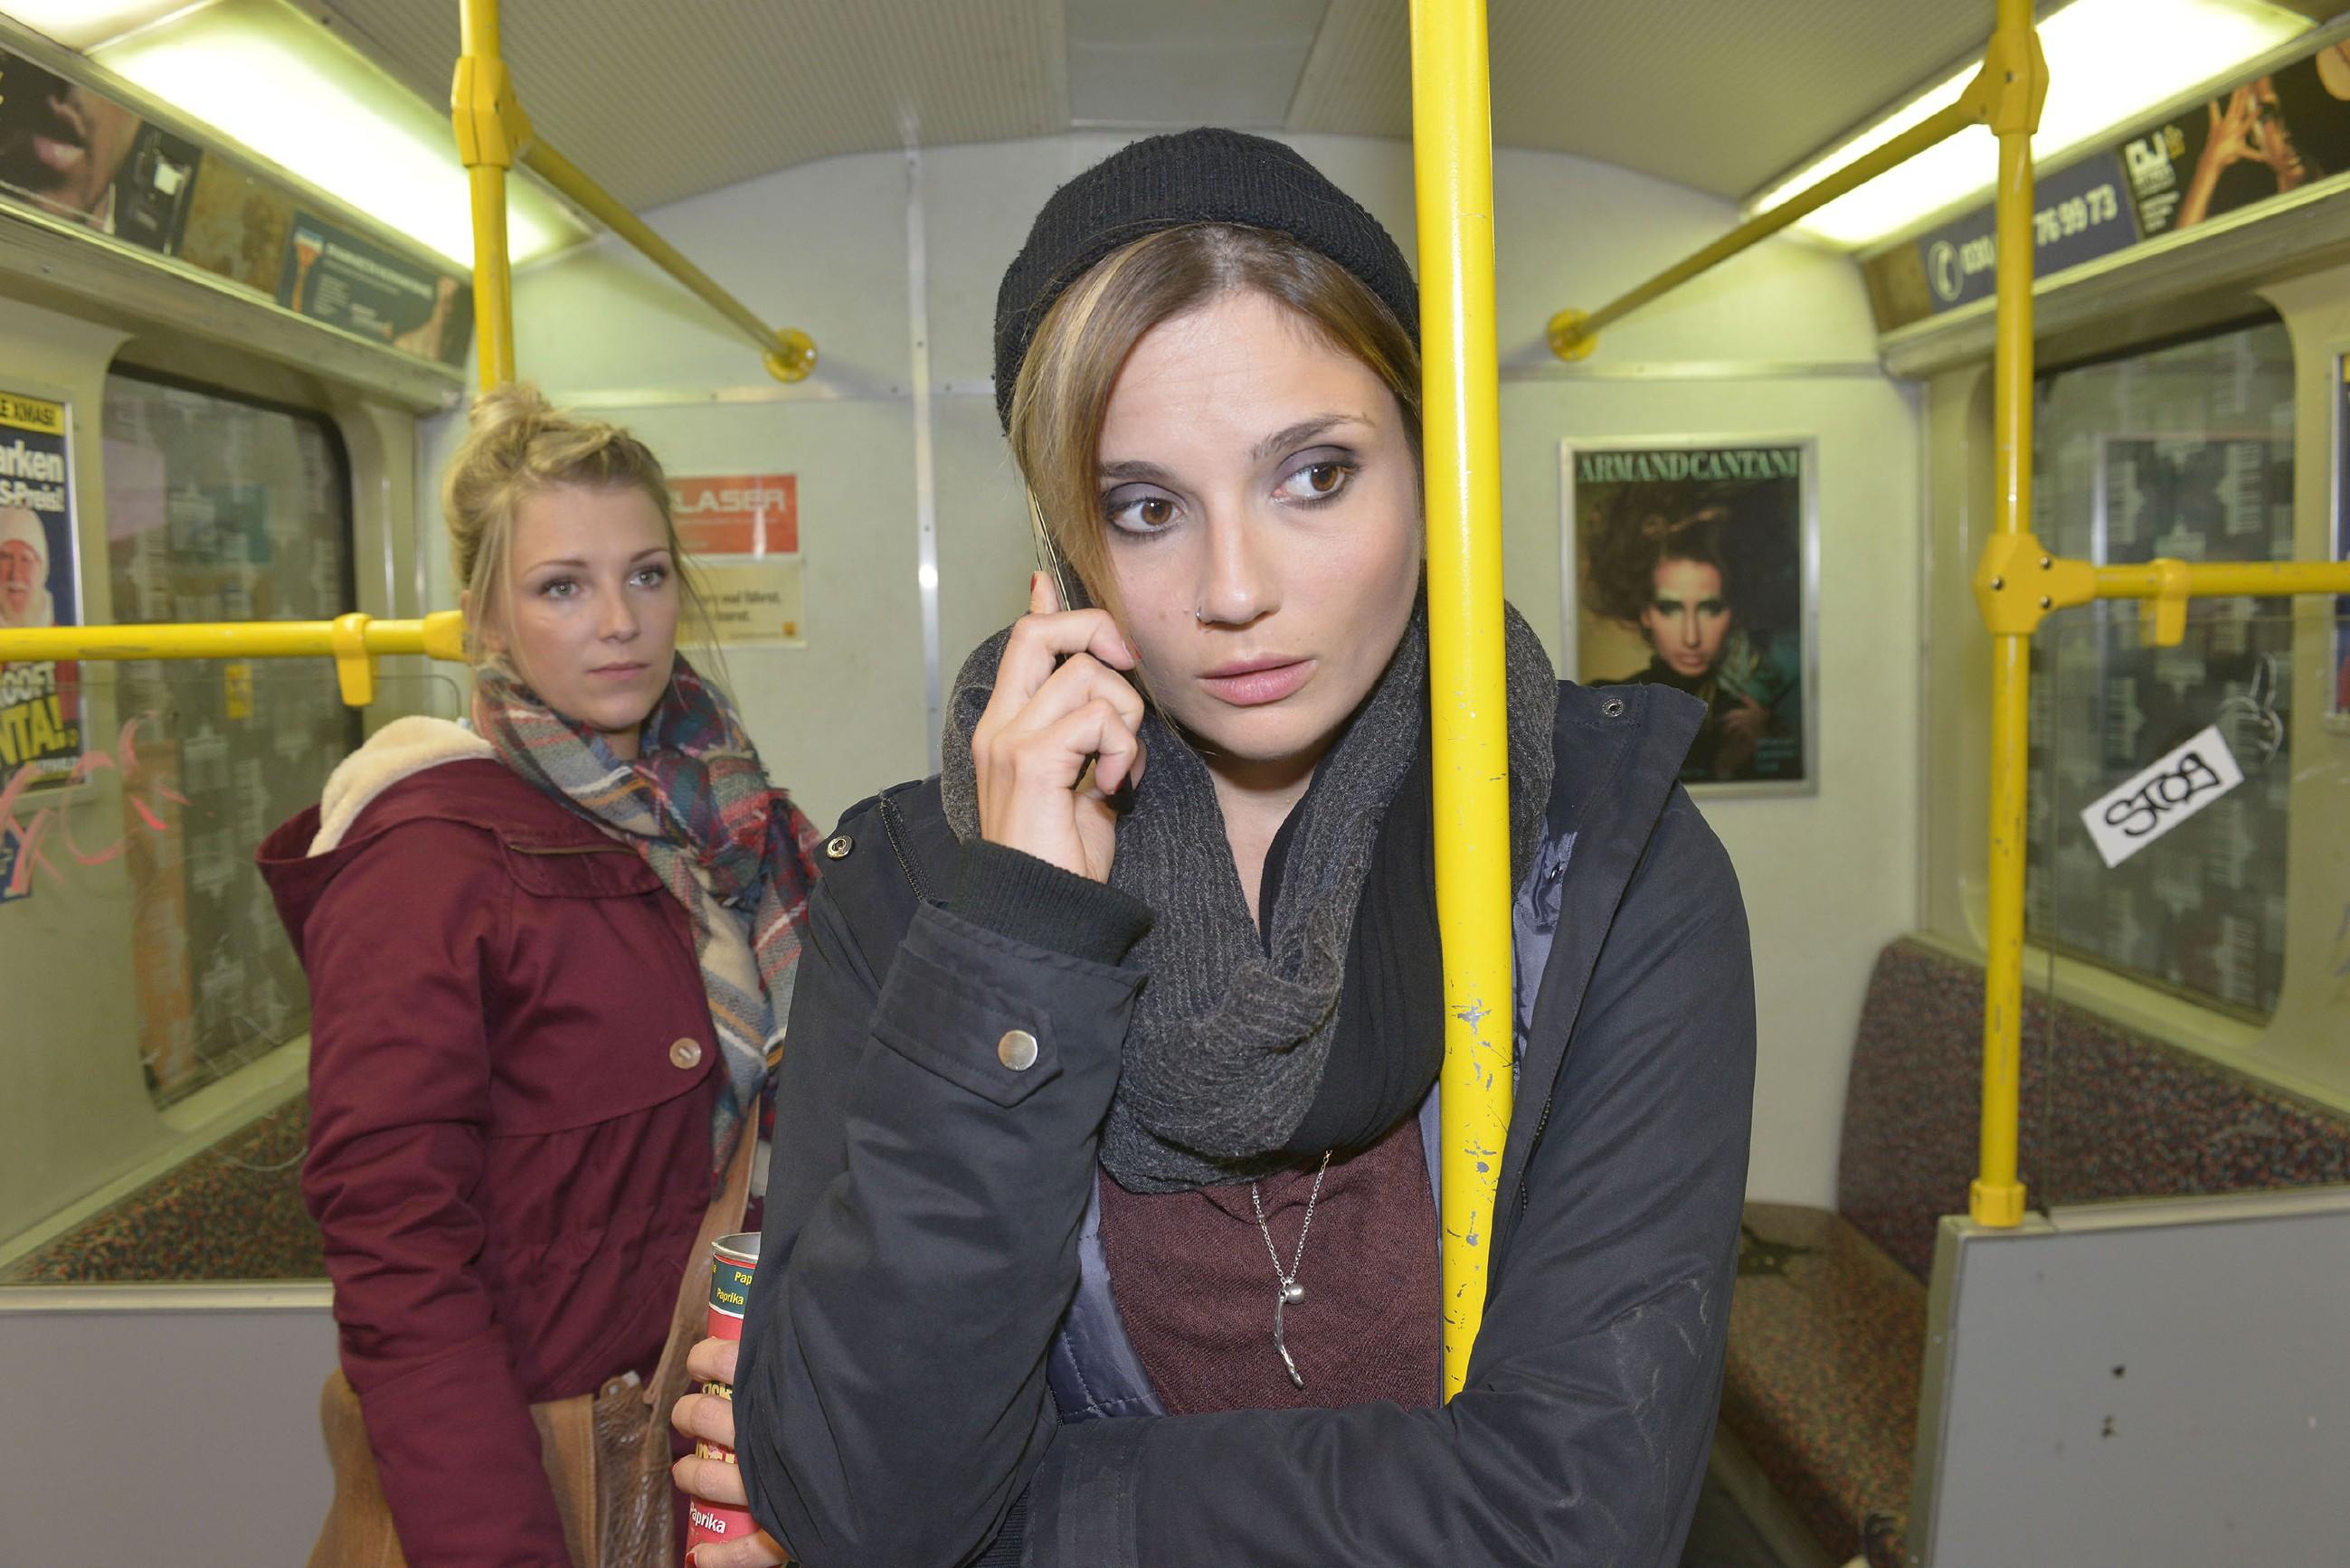 Lilly (Iris Mareike Steen, l.) realisiert, dass Anni (Linda Marlen Runge) fürchtet, dass ihrer Mutter im Großstadt-Dschungel etwas zugestoßen ist. (Quelle: RTL / Rolf Baumgartner)